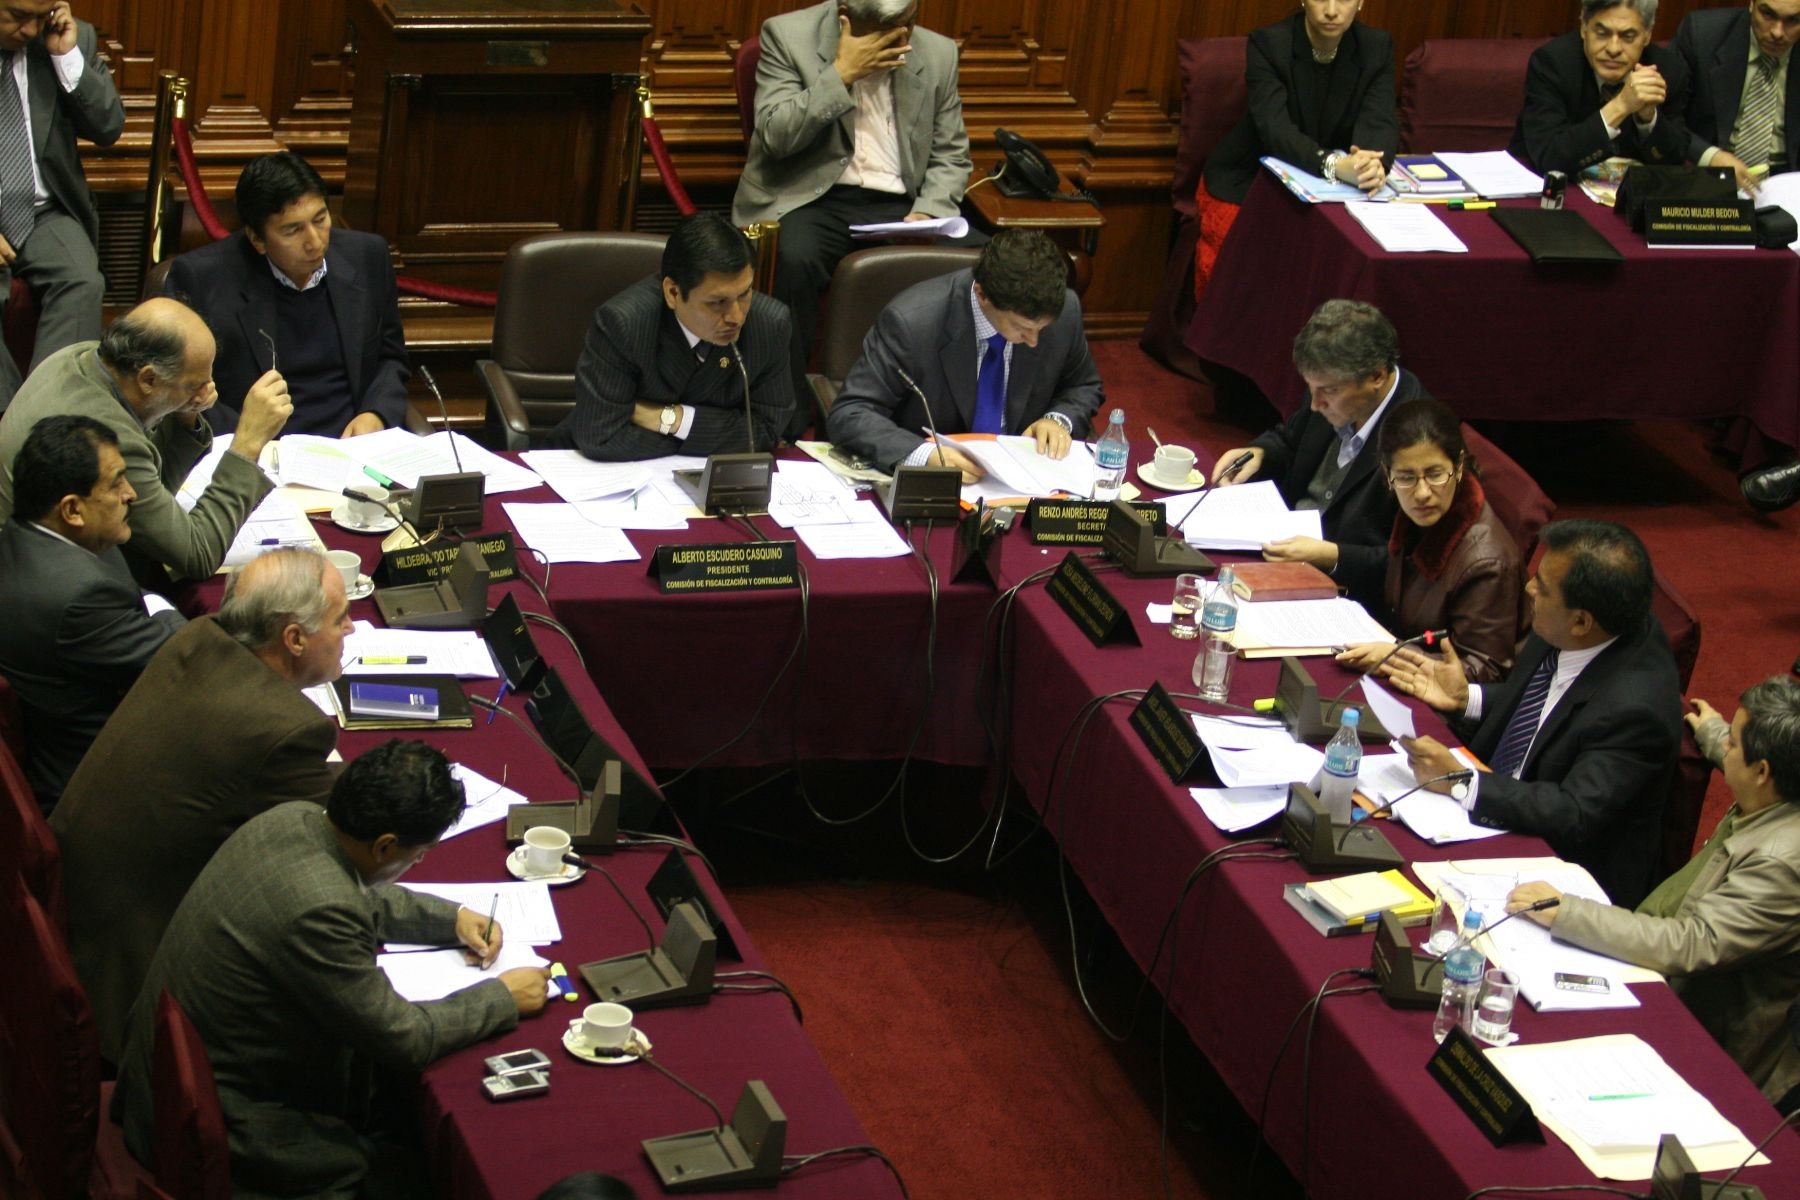 Comisión de Fiscalización del Congreso. Foto: ANDINA/Víctor Palomino Gómez.